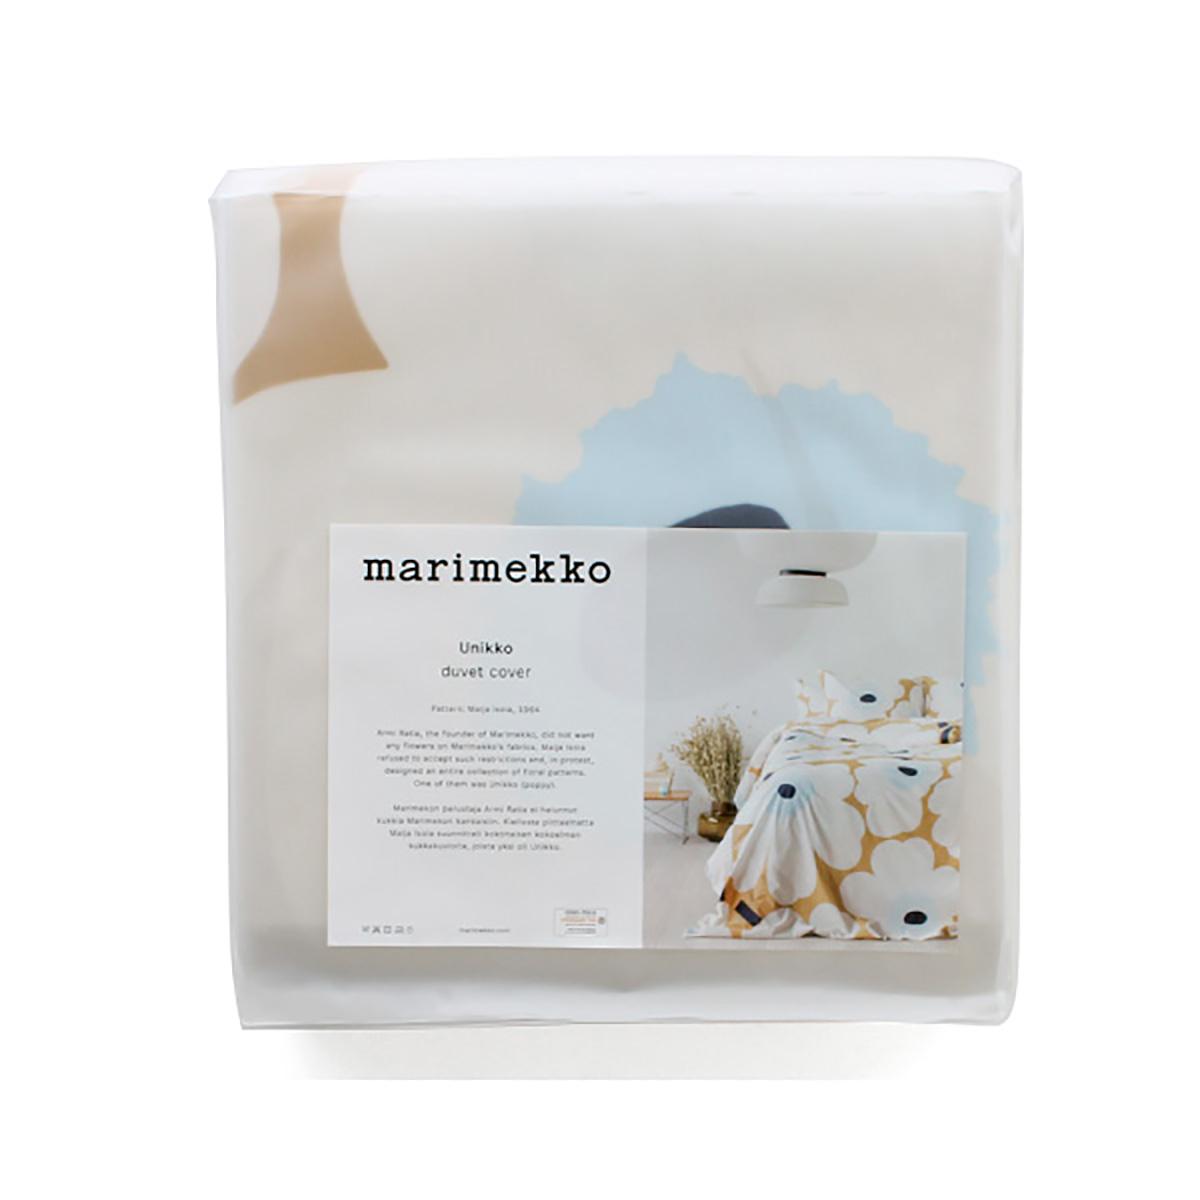 マリメッコ marimekko UNIKKO ウニッコ柄 掛け布団カバー シングルサイズ 生活雑貨 北欧 69080 掛け布団カバー 815 ベージュ系 ホワイト系